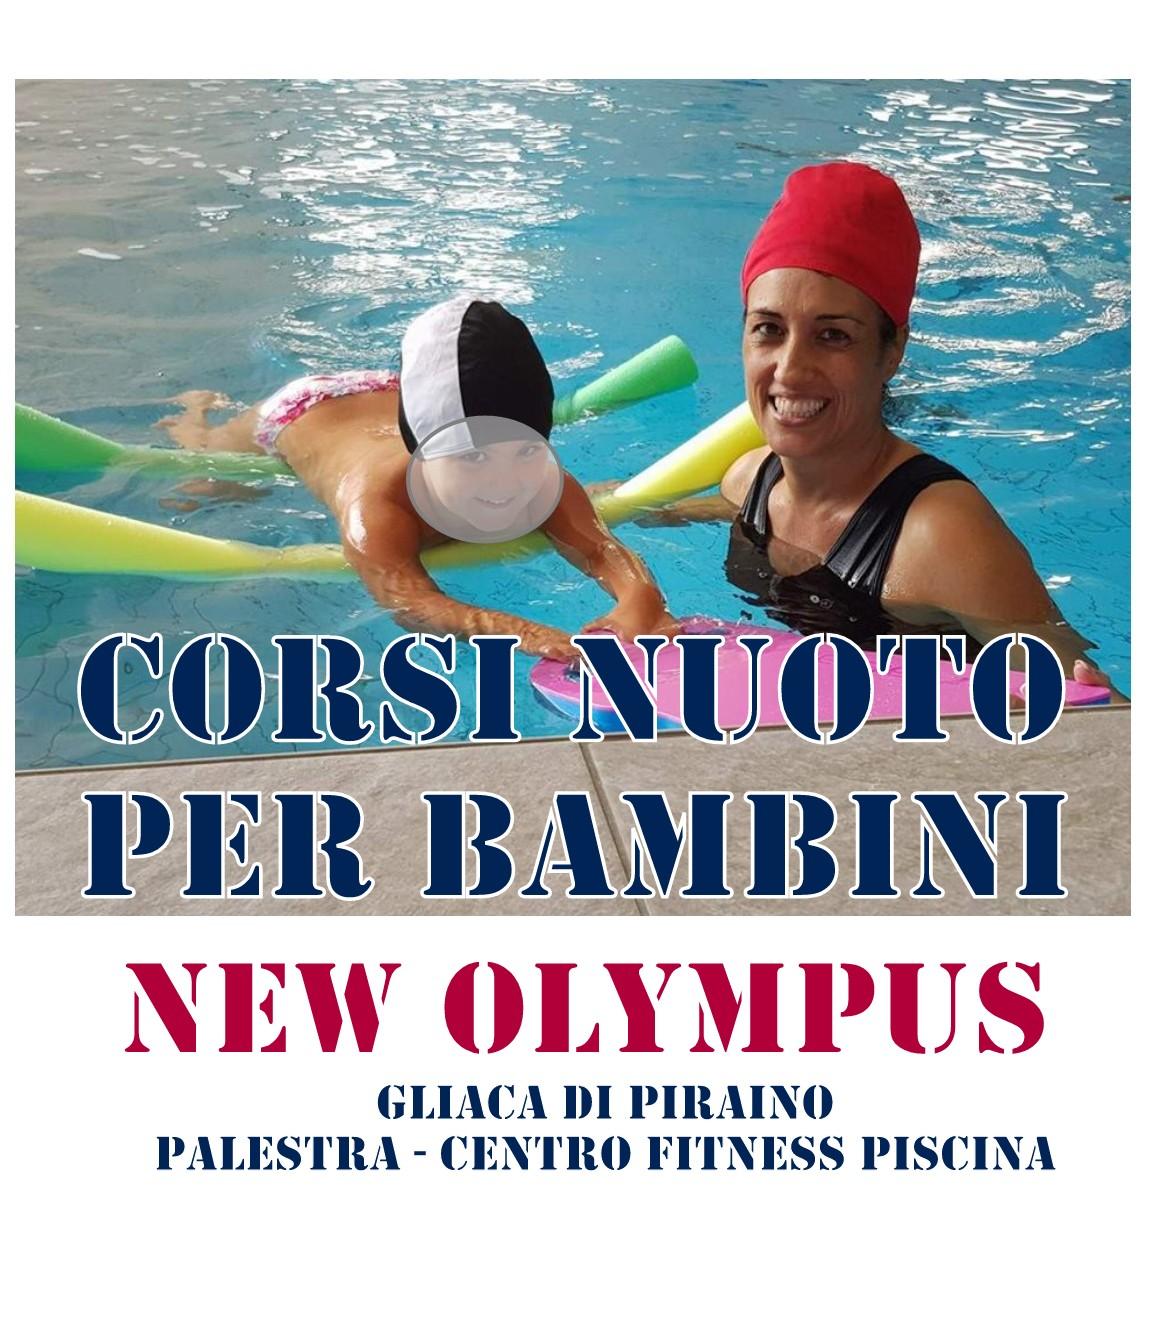 New olympus tuffati nel mondo del fitness e del - Corsi per neonati in piscina ...